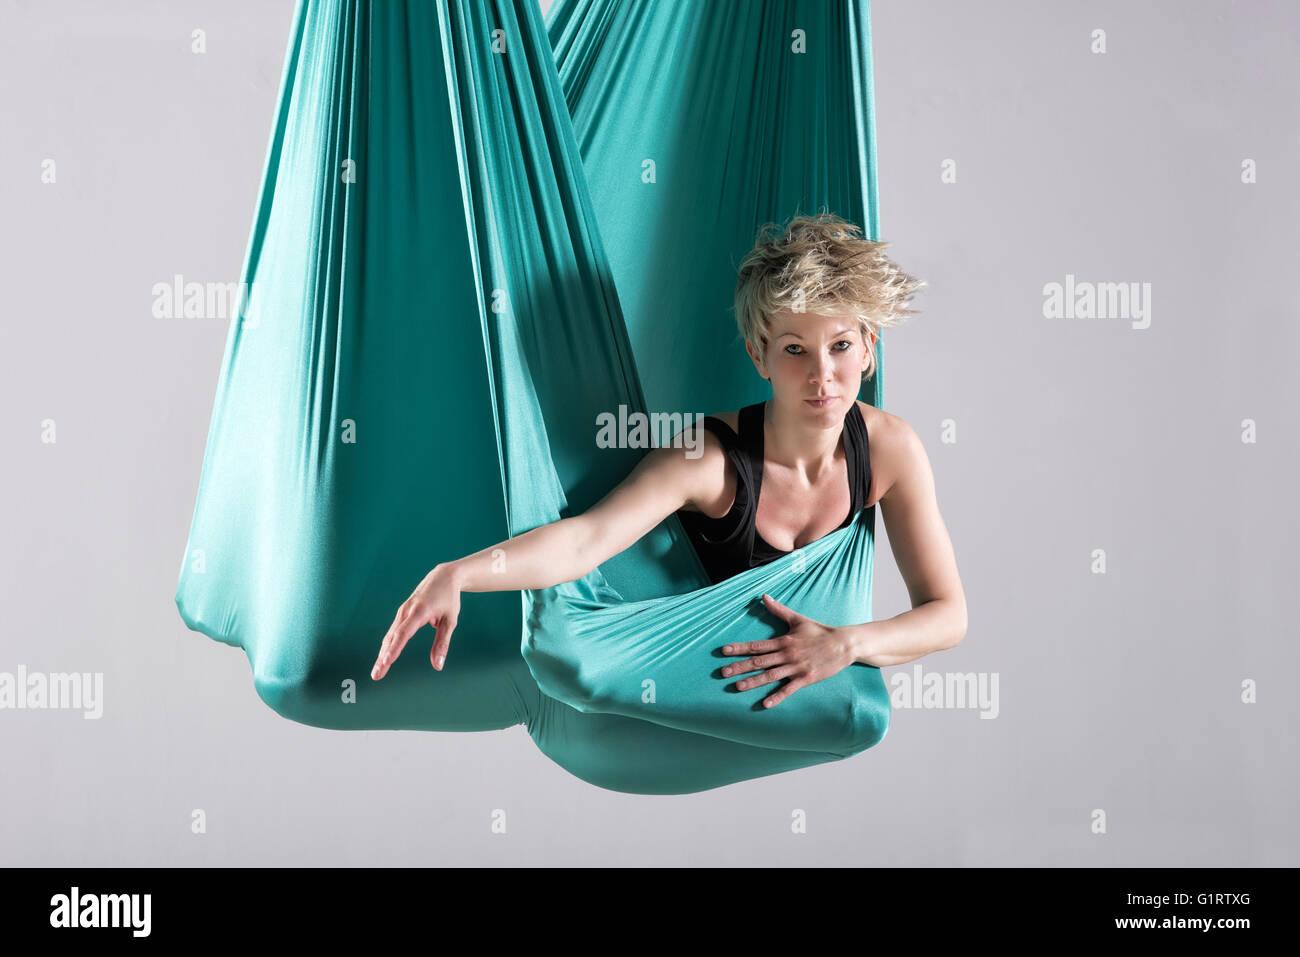 Seule femme athlétique intense faisant des exercices d'étirement de la jambe et de la hanche enveloppé Photo Stock